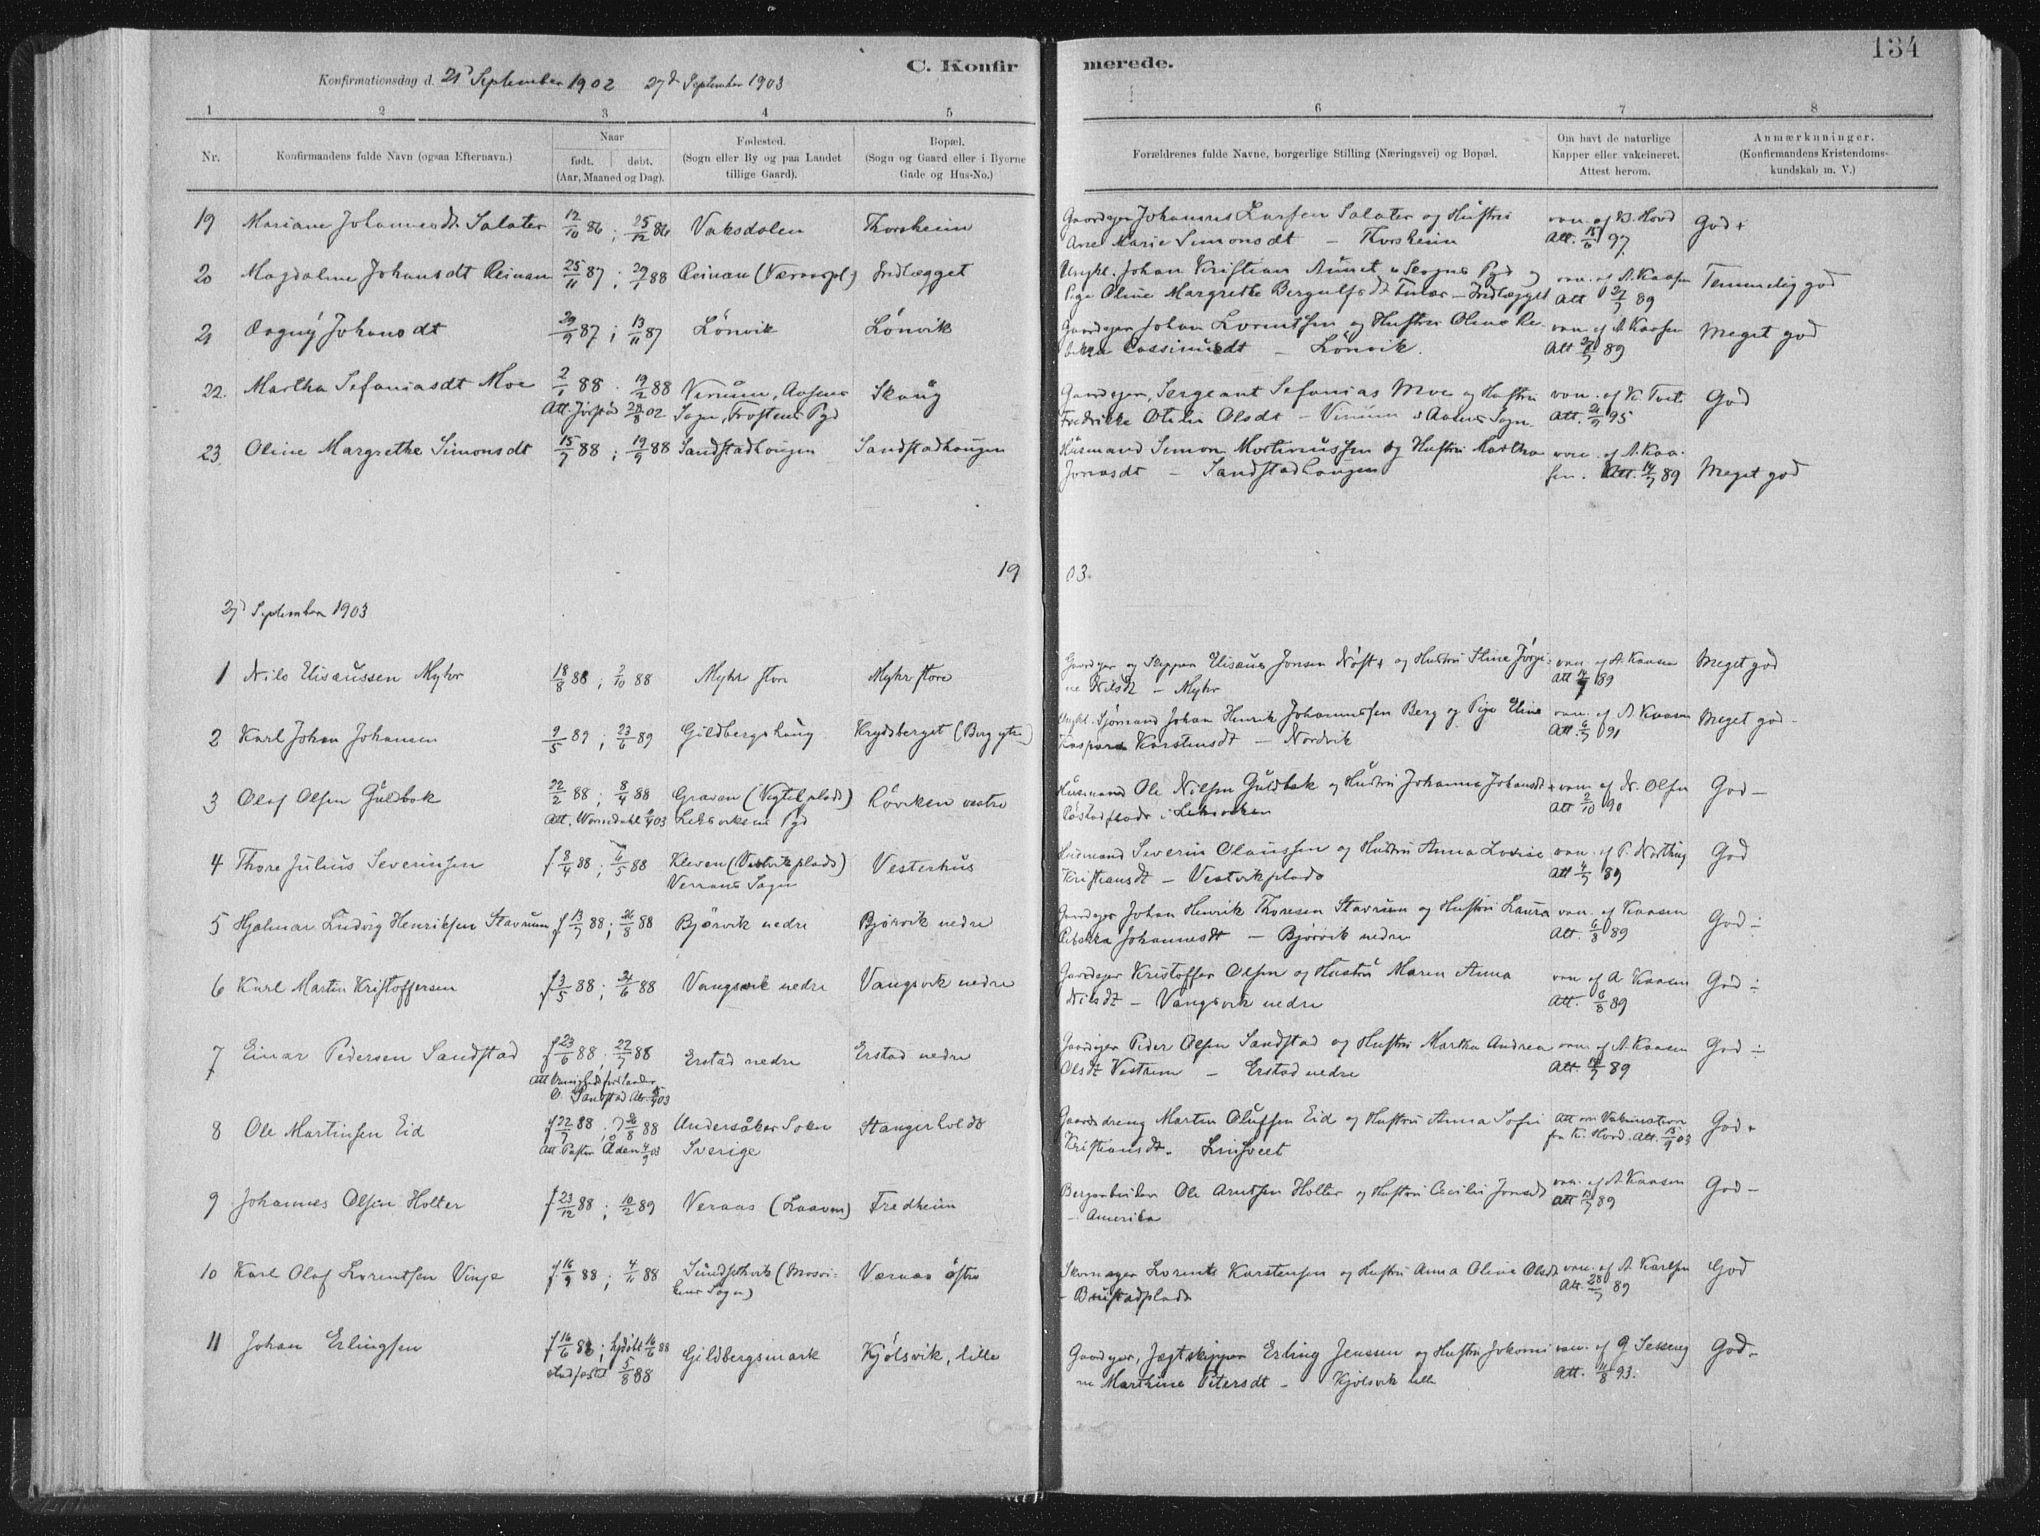 SAT, Ministerialprotokoller, klokkerbøker og fødselsregistre - Nord-Trøndelag, 722/L0220: Ministerialbok nr. 722A07, 1881-1908, s. 134